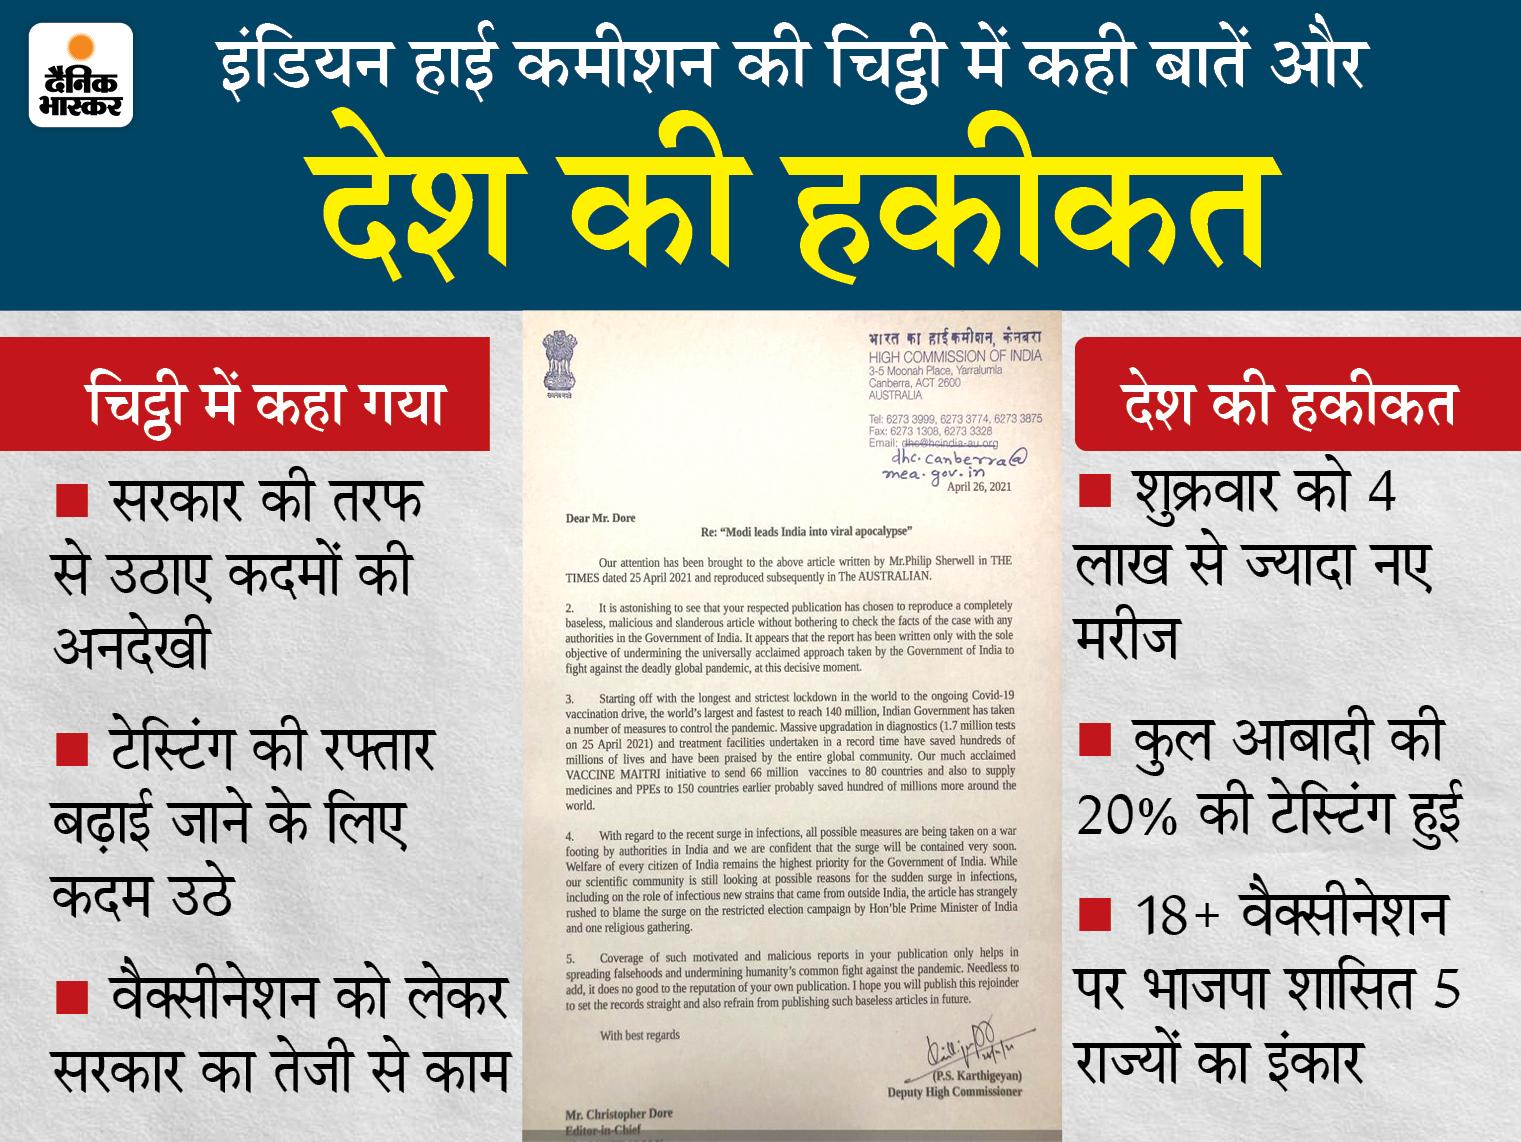 जानें प्रधानमंत्री मोदी पर जारी आर्टिकल के खिलाफ लिखी चिट्ठी में कही गई बातें और हकीकत|DB ओरिजिनल,DB Original - Dainik Bhaskar